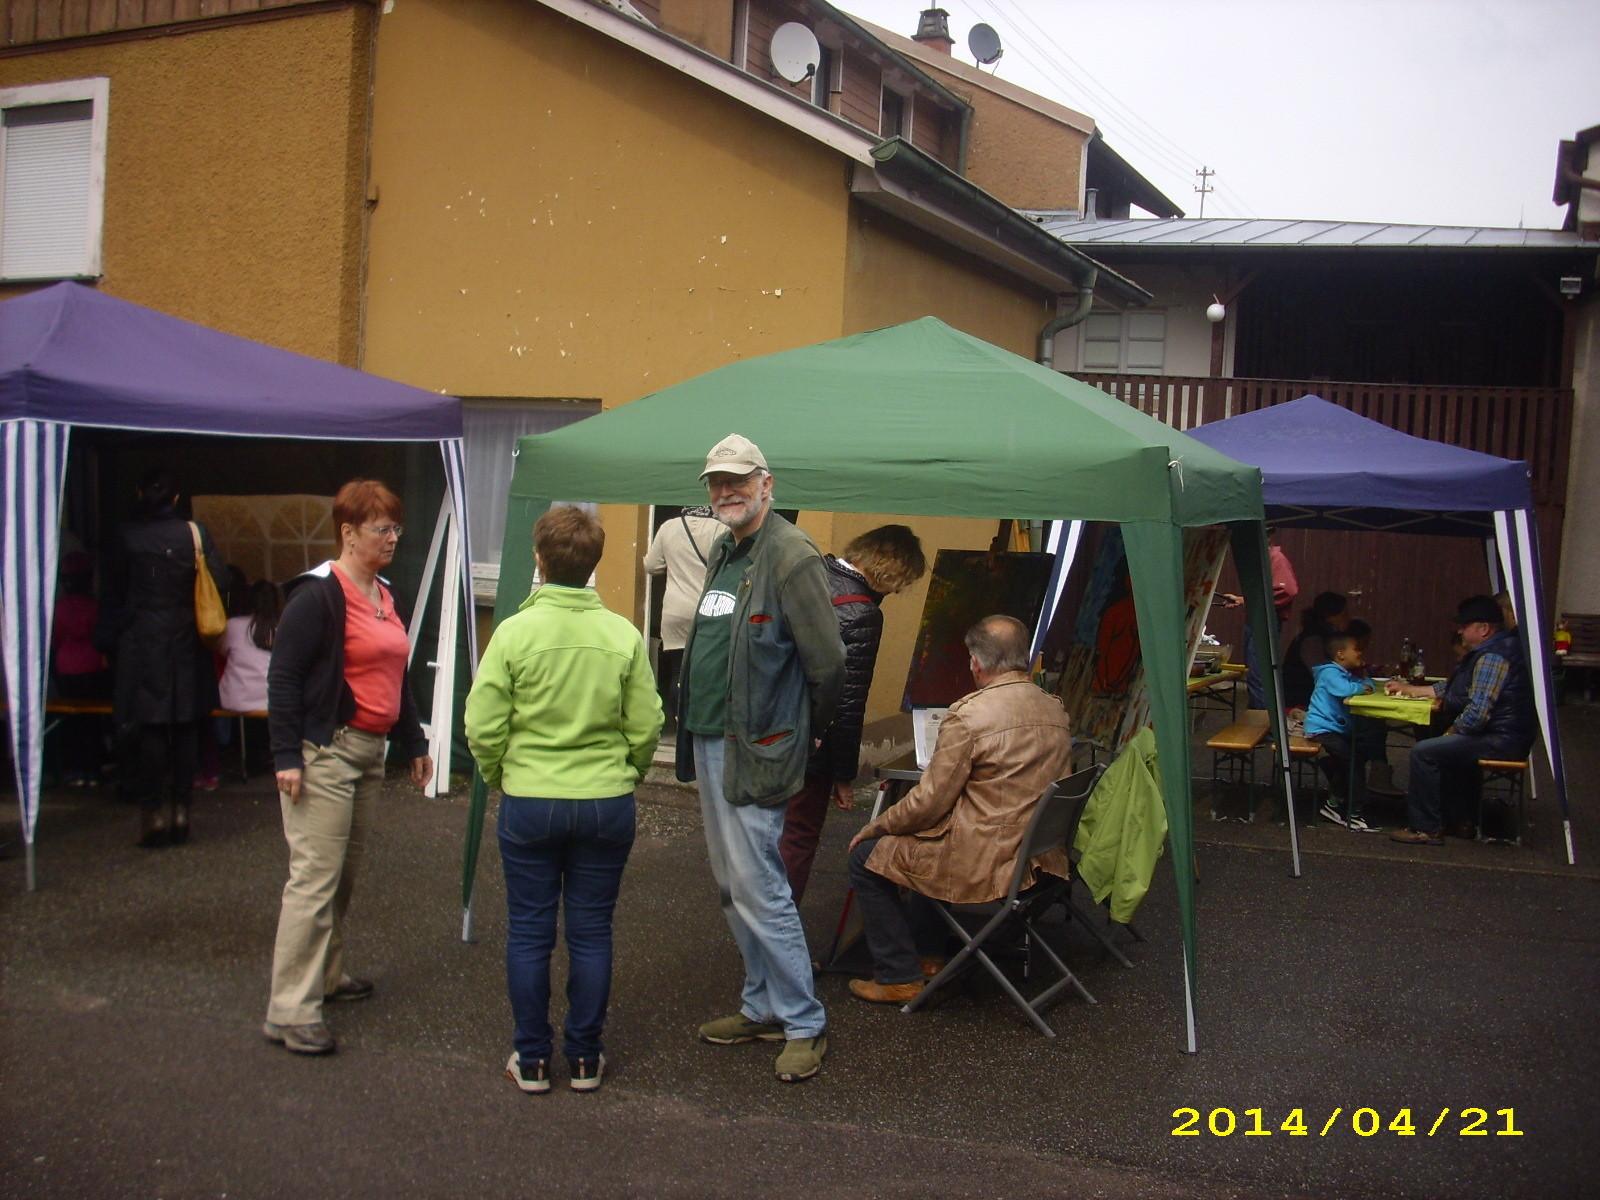 Impressionen - Tag der offenen Tür am Ostermontag, 21.04.2014